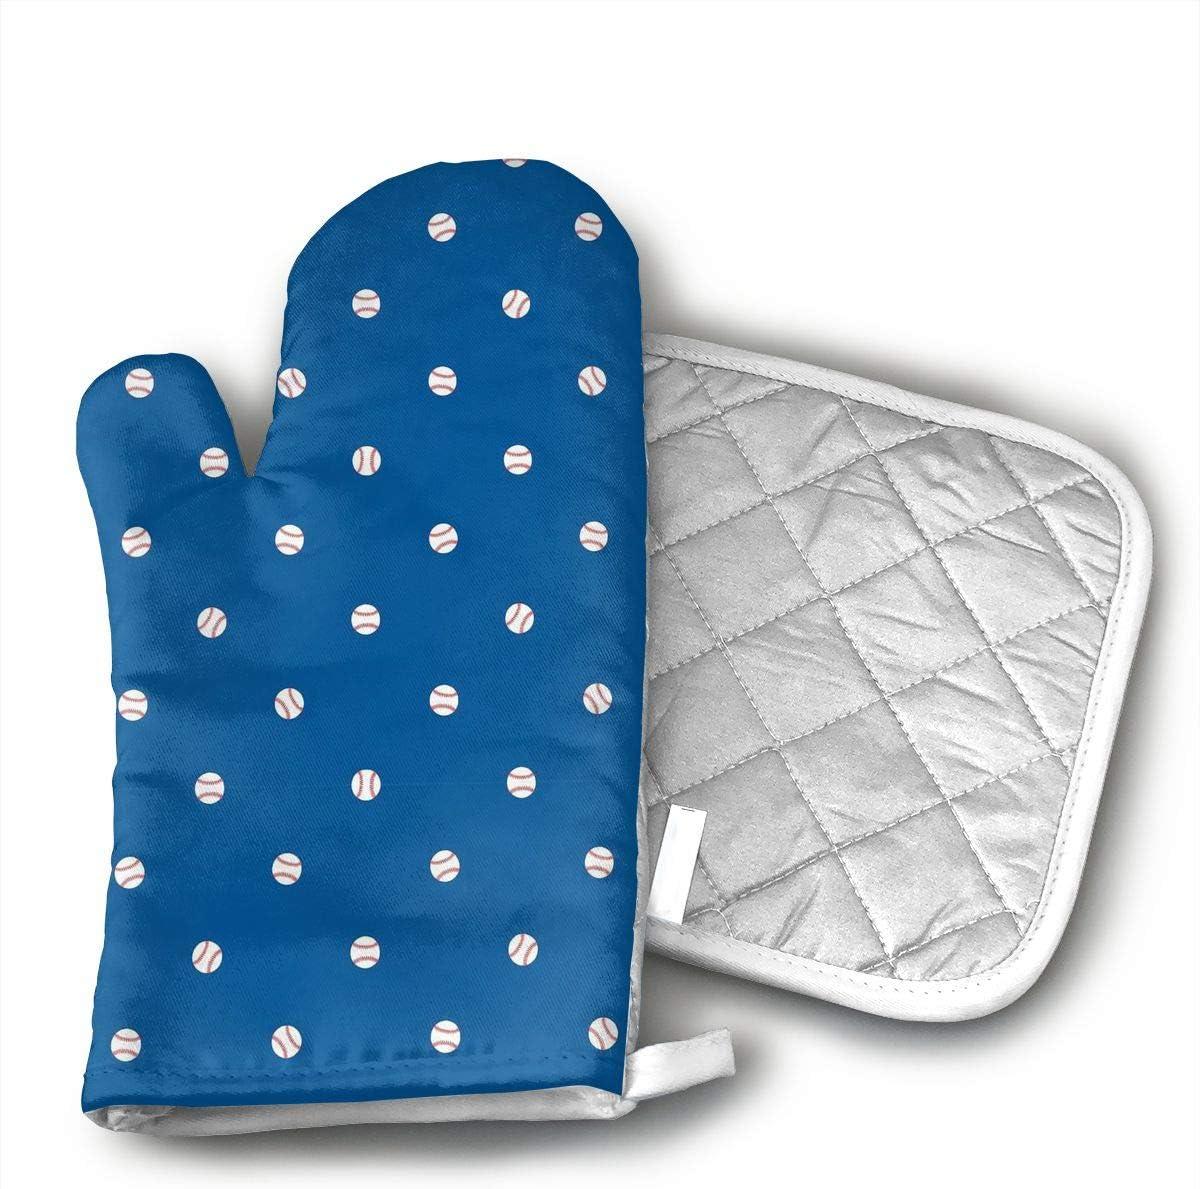 MEILVWEN Baseballs Dodger Blue Oven Mitt and Pot Holder Set,Heat Resistant for Cooking and Baking Kitchen Gift